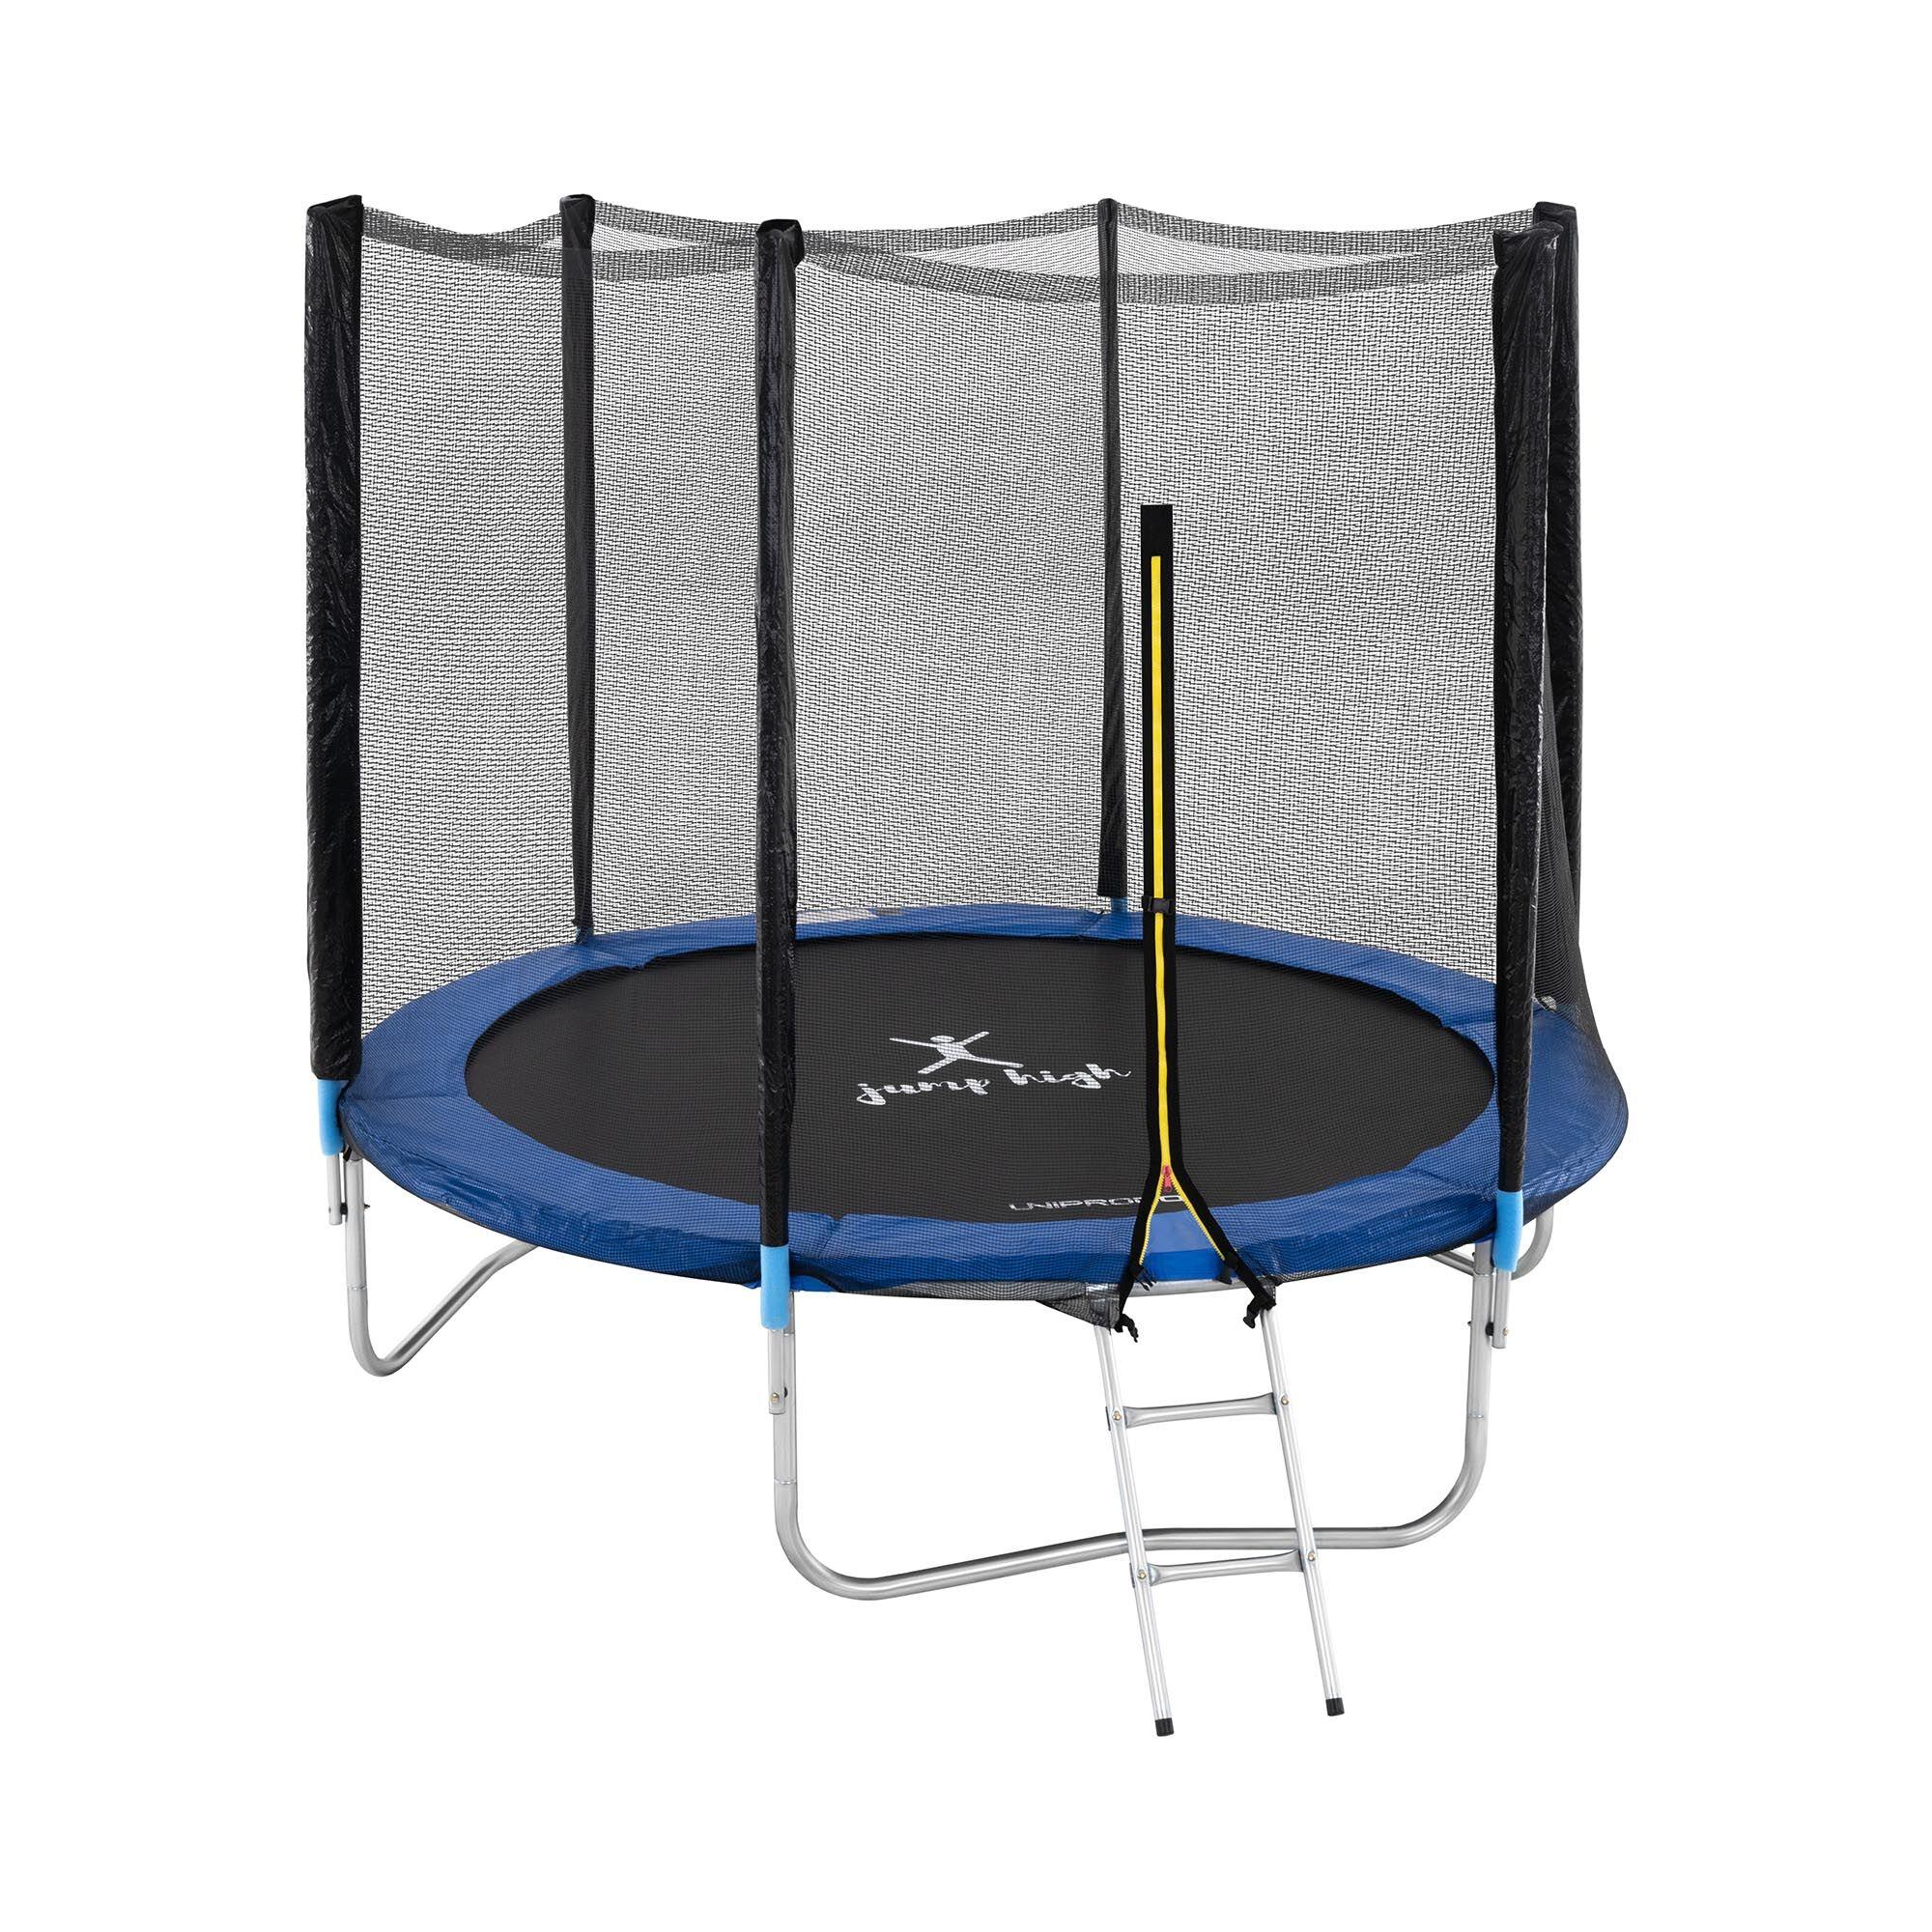 uniprodo tappeto elastico bambini - Ø 240 cm - rete uni_trampoline_04